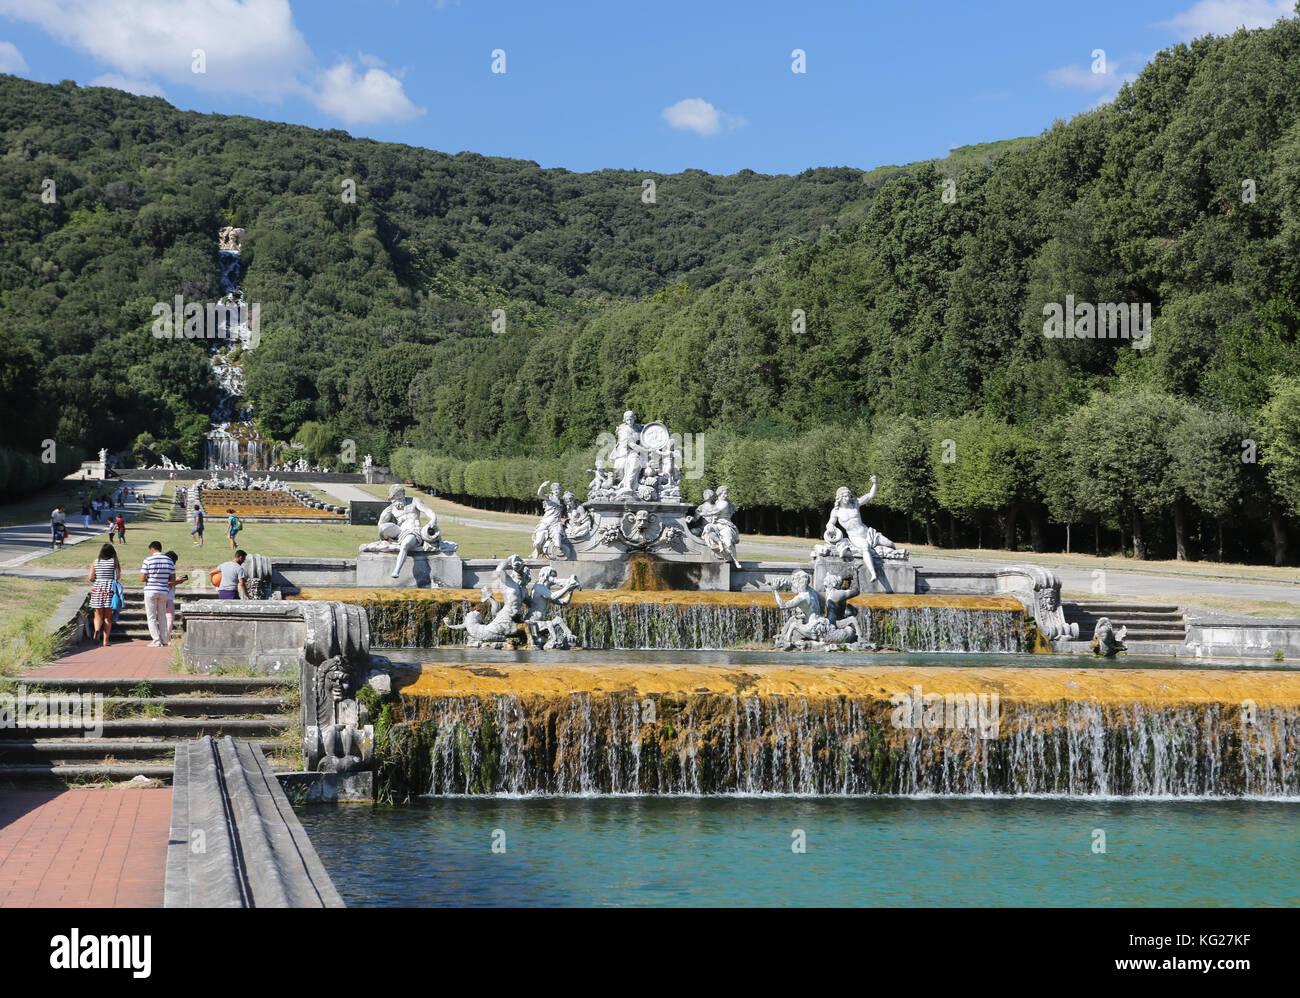 Brunnen und Gärten, Reggia di Caserta, Neapel, Kampanien, Italien, Europa Stockbild